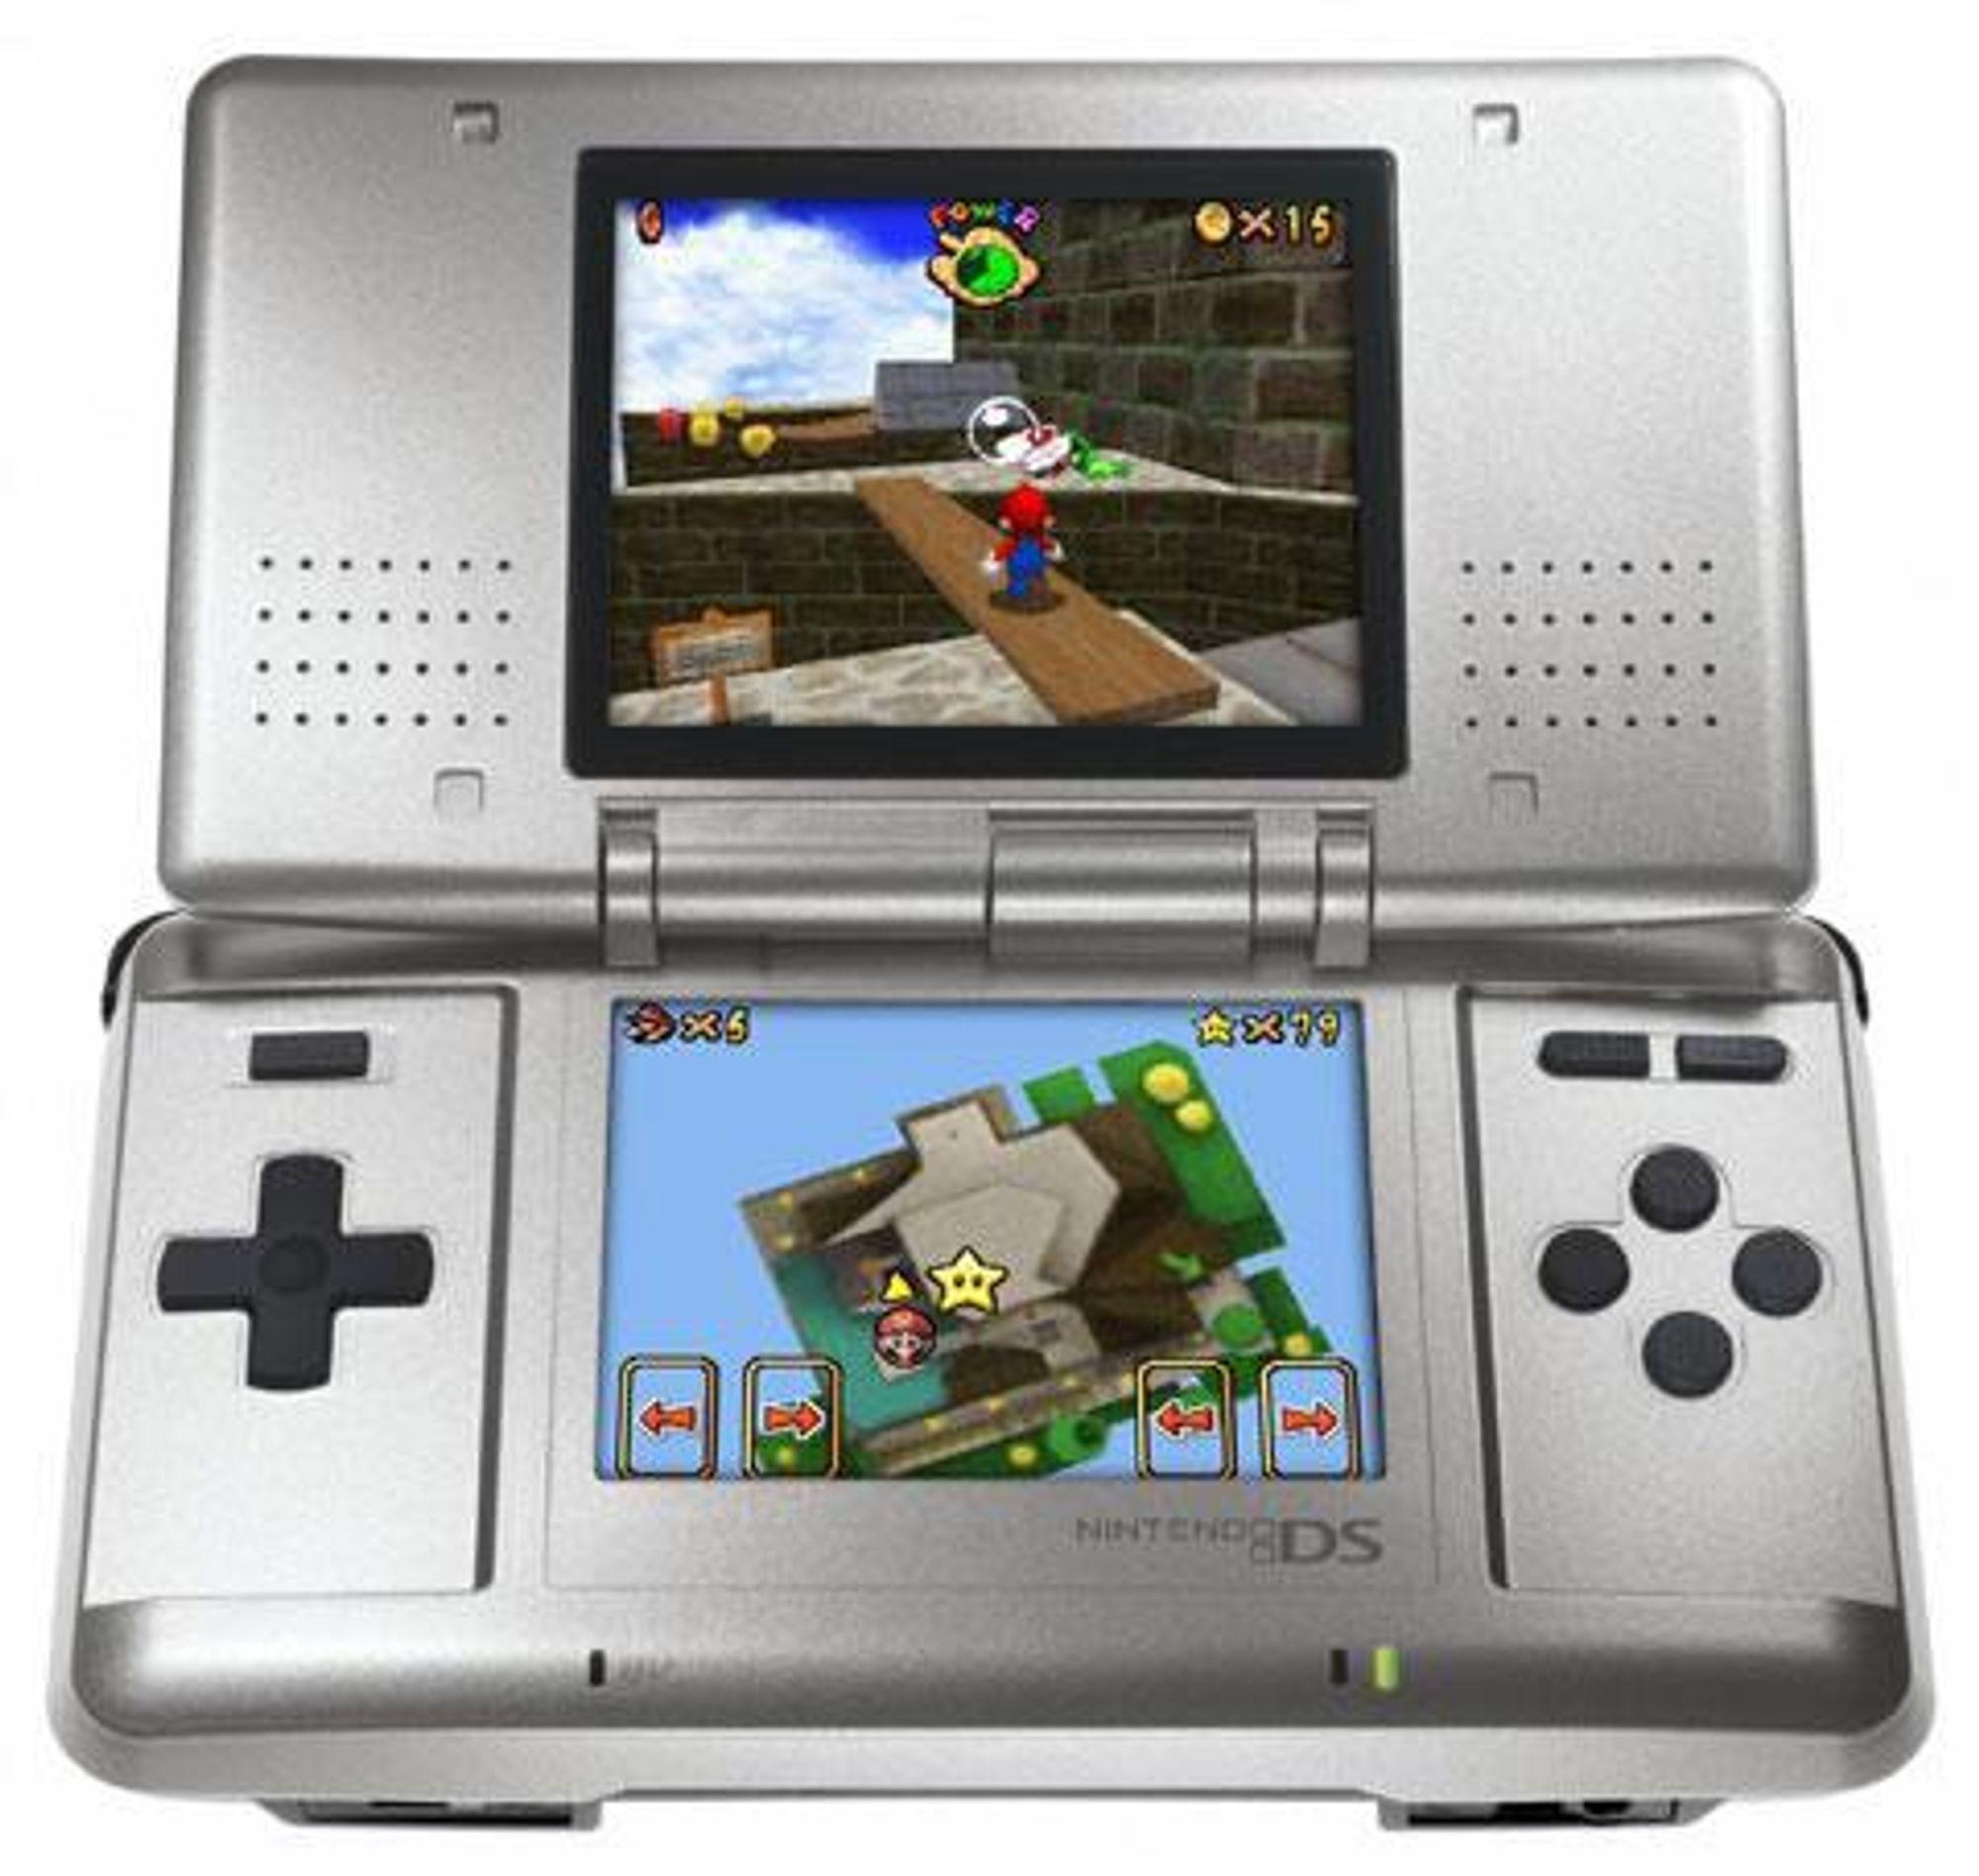 Nintendos nye spillemaskin